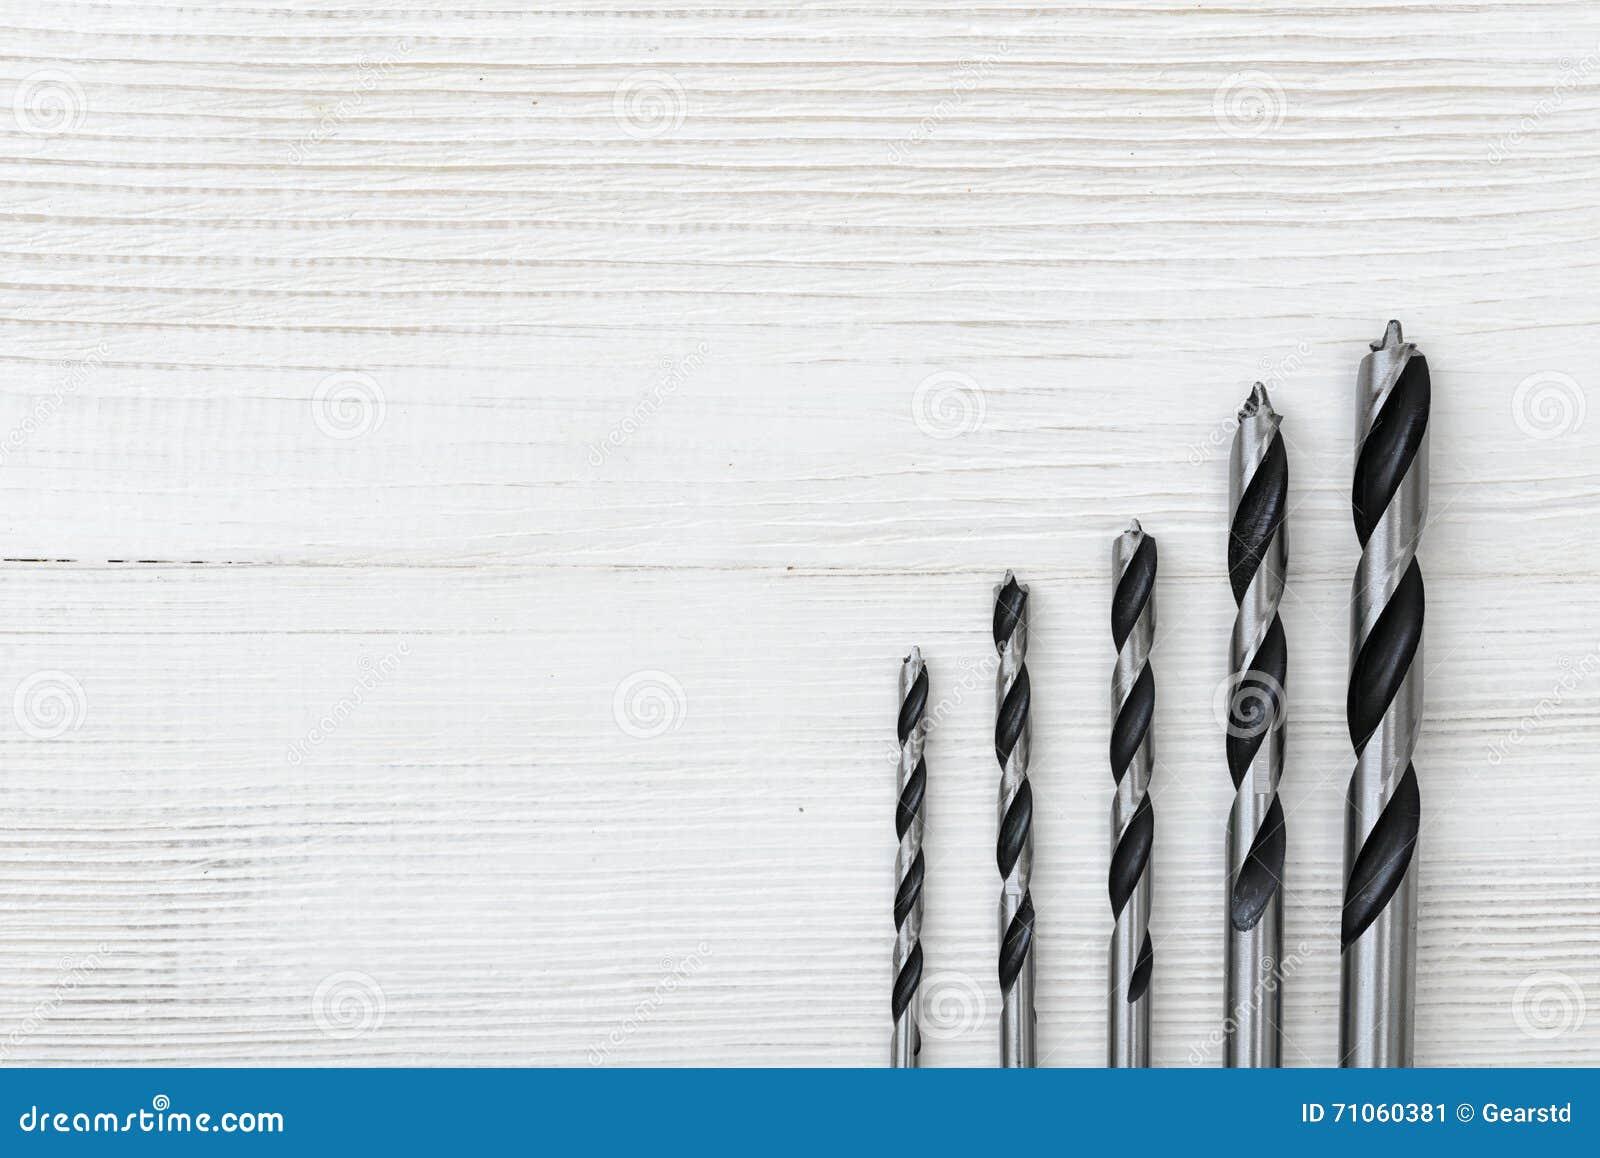 Brocas diferentes do tamanho afixadas do mais alto ao mais baixo em uma superfície de madeira